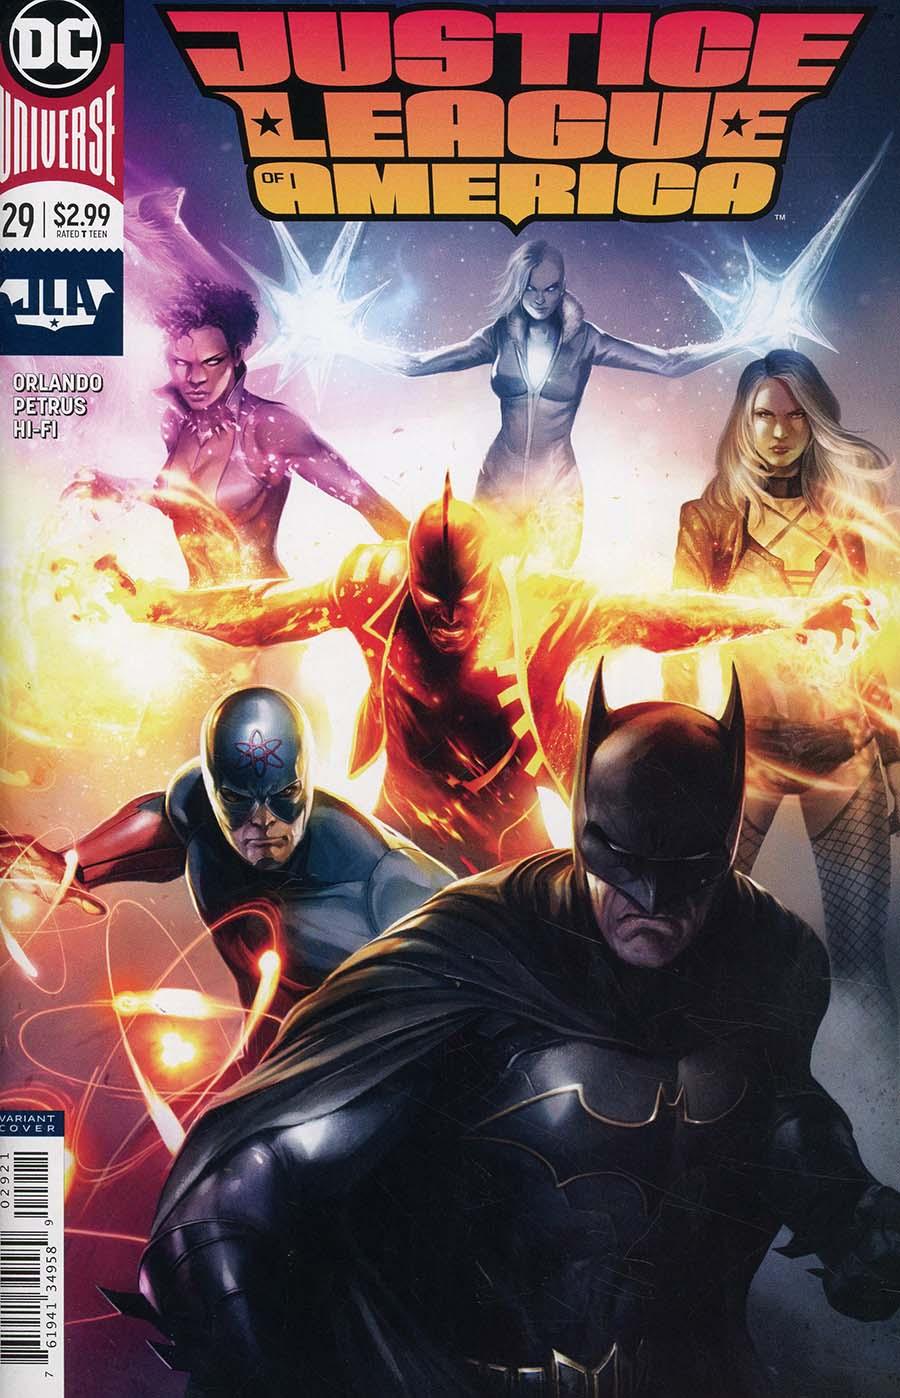 Justice League Of America Vol 5 #29 Cover B Variant Francesco Mattina Cover